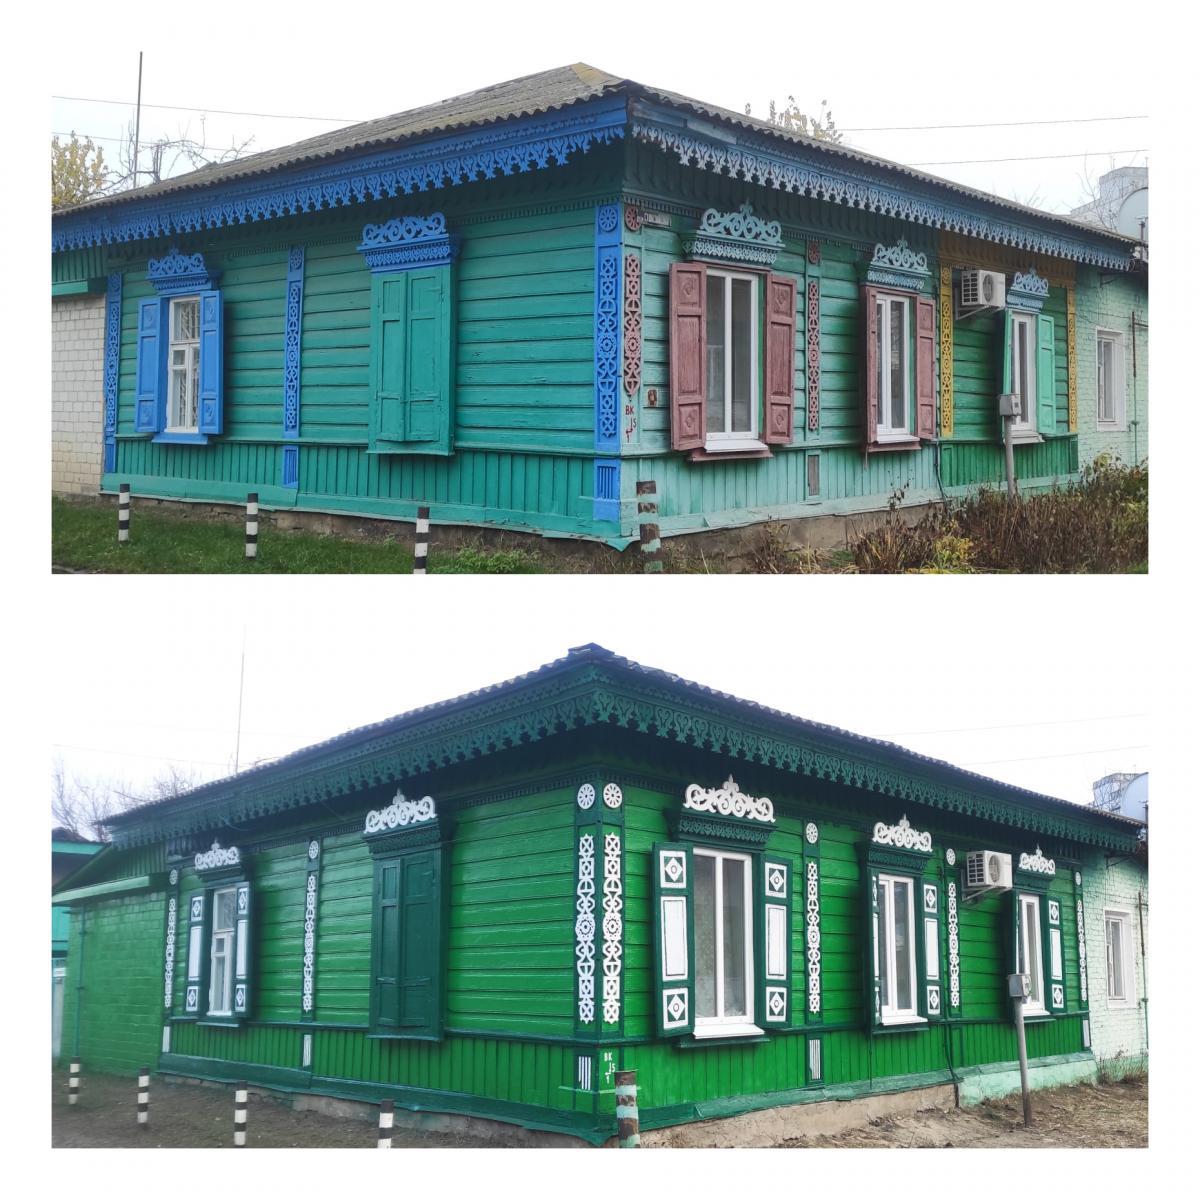 Відновлений волонтерами будинок/фото проекту «Дерев'яне мереживо Чернігова»